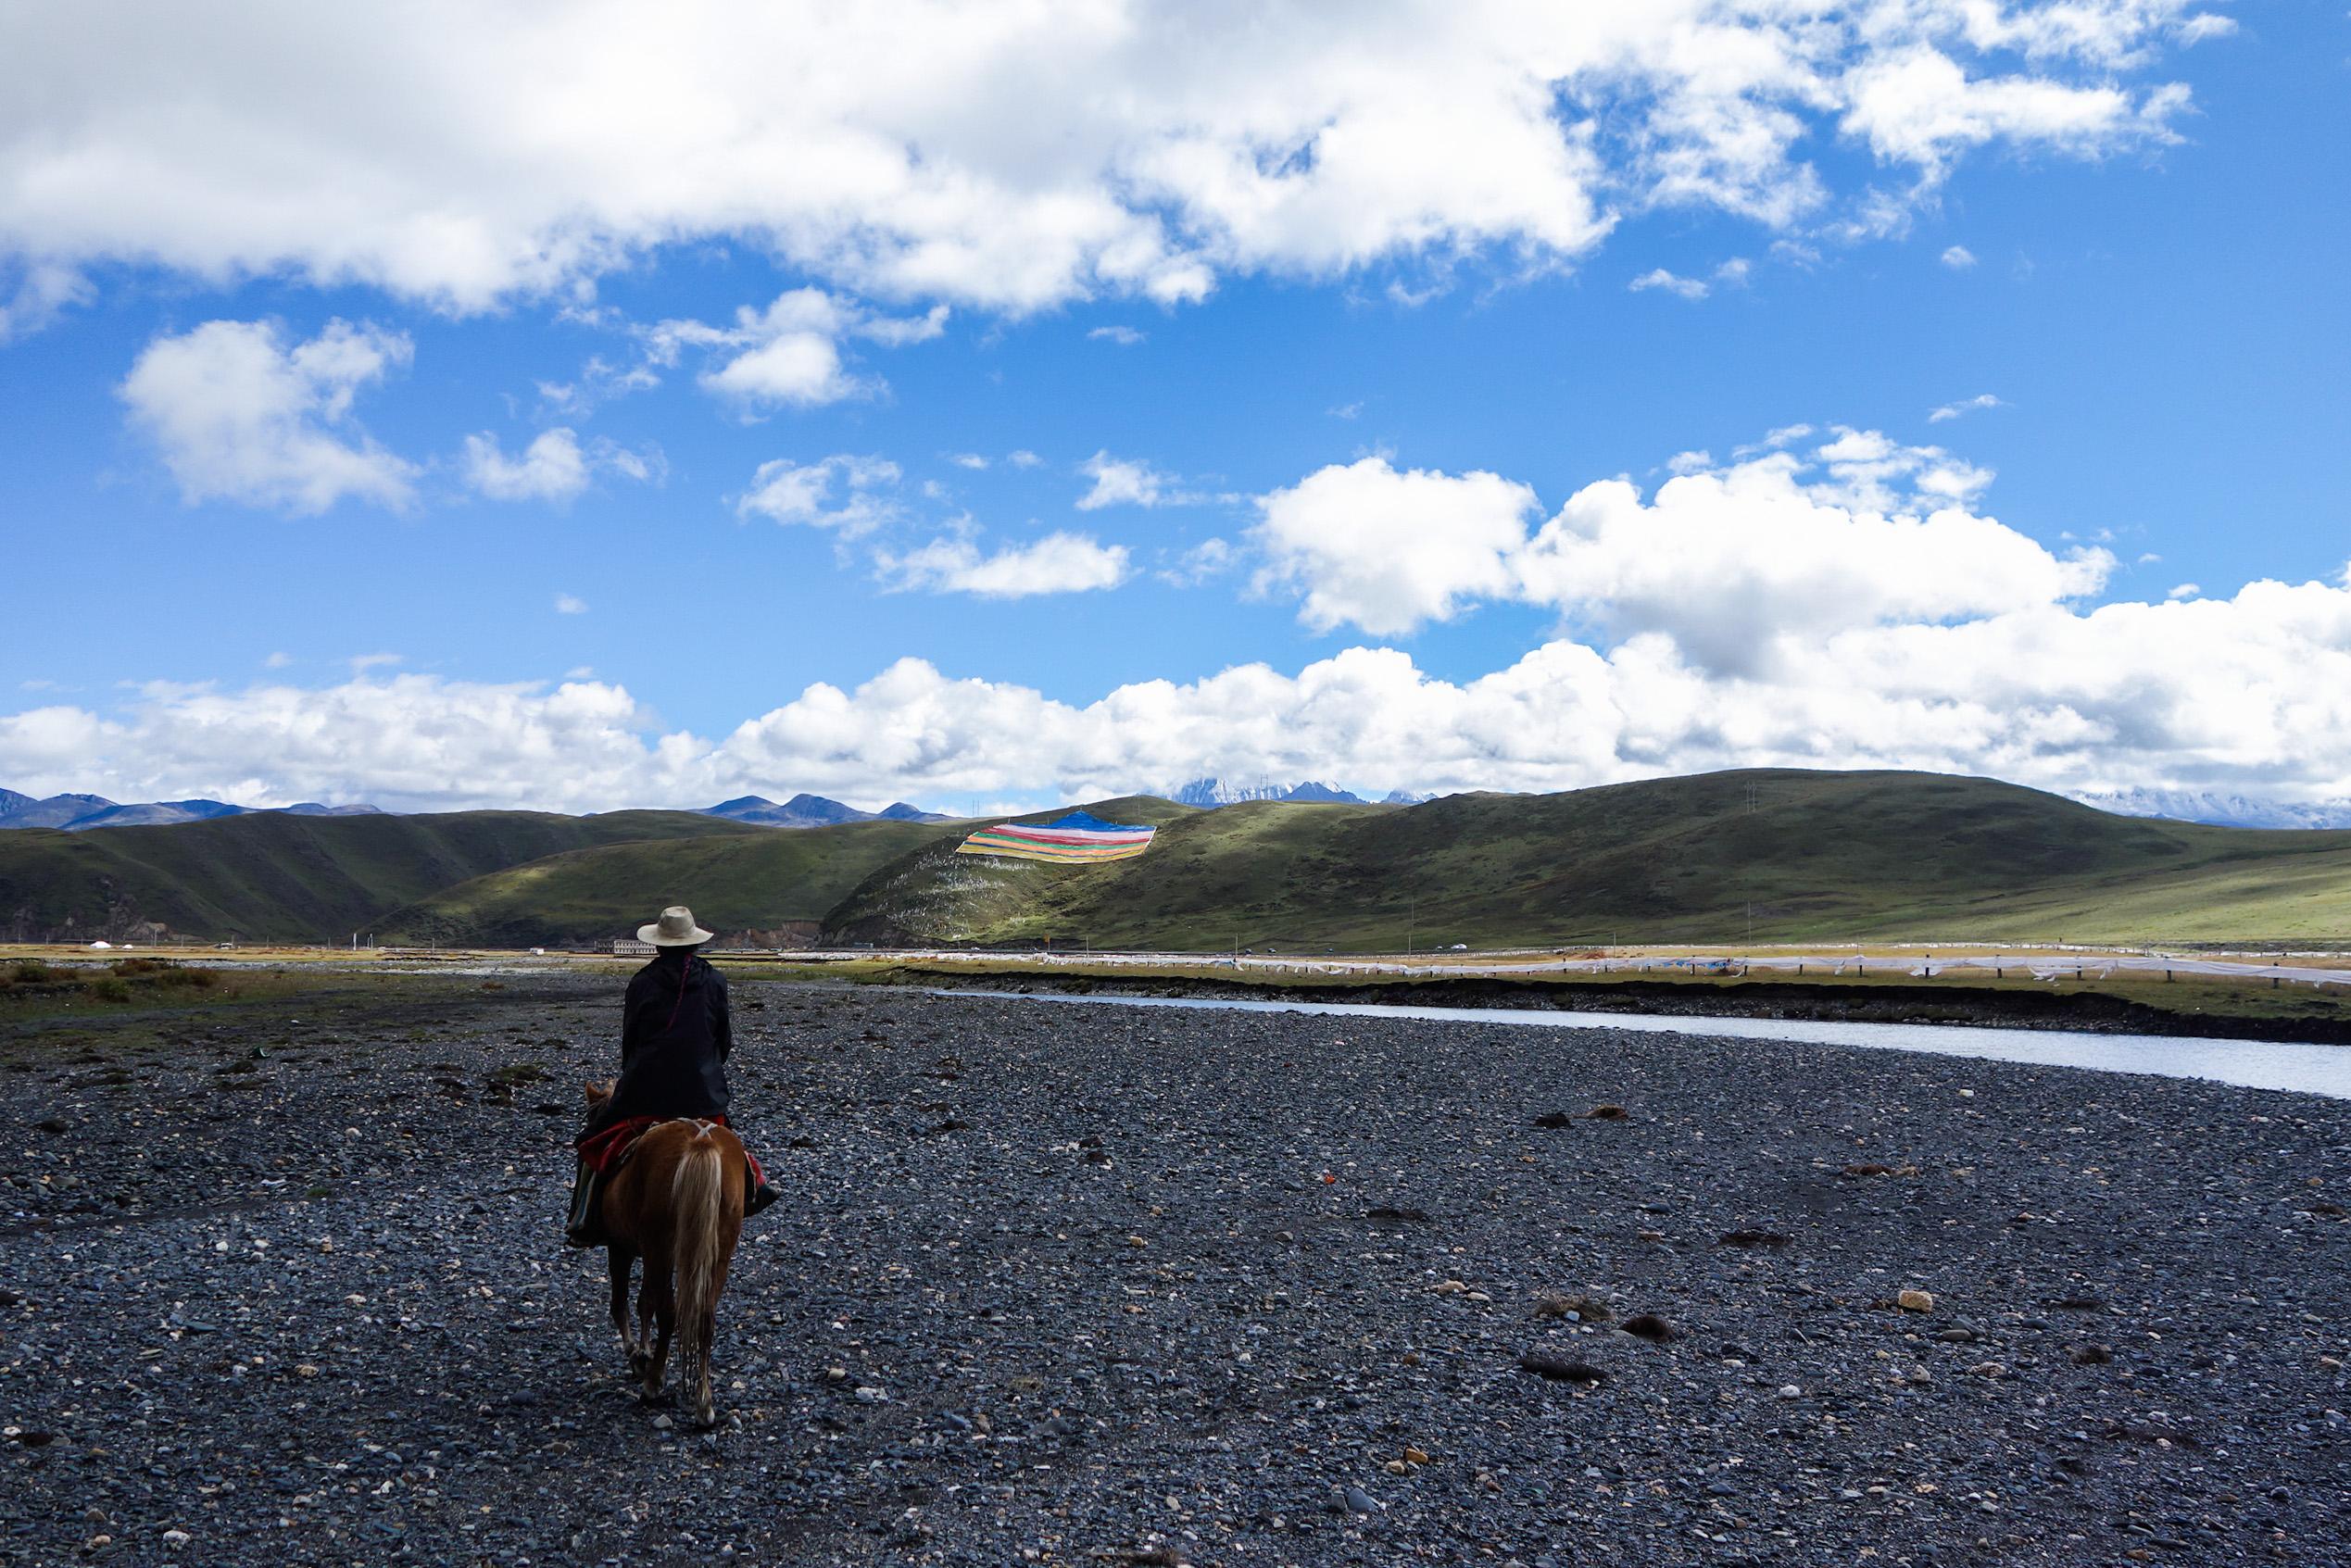 Début du trek à cheval au Tibet